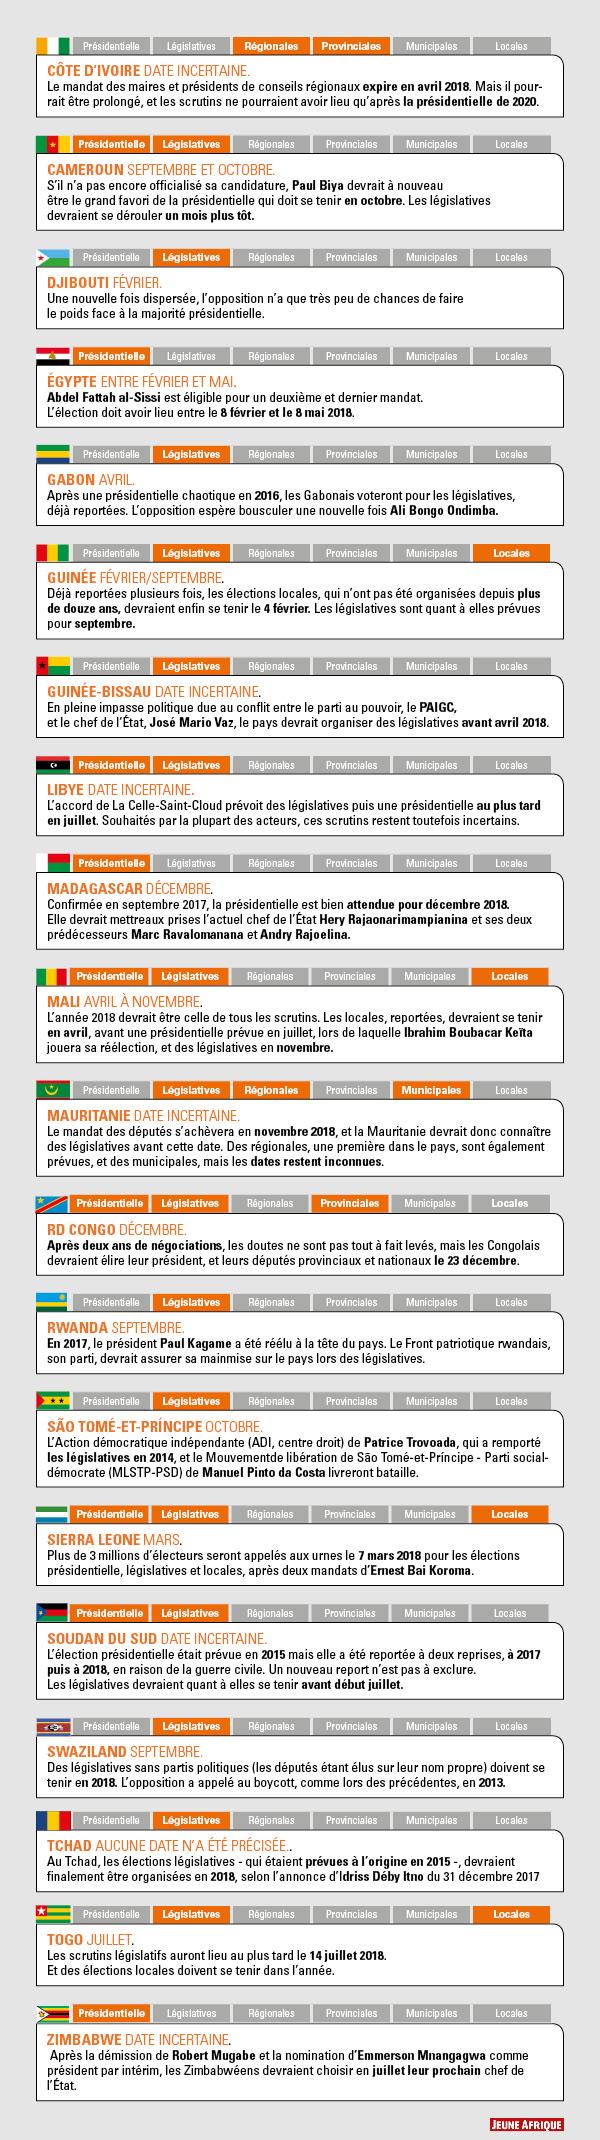 Infographie : Camille Chauvin / Jeune Afrique